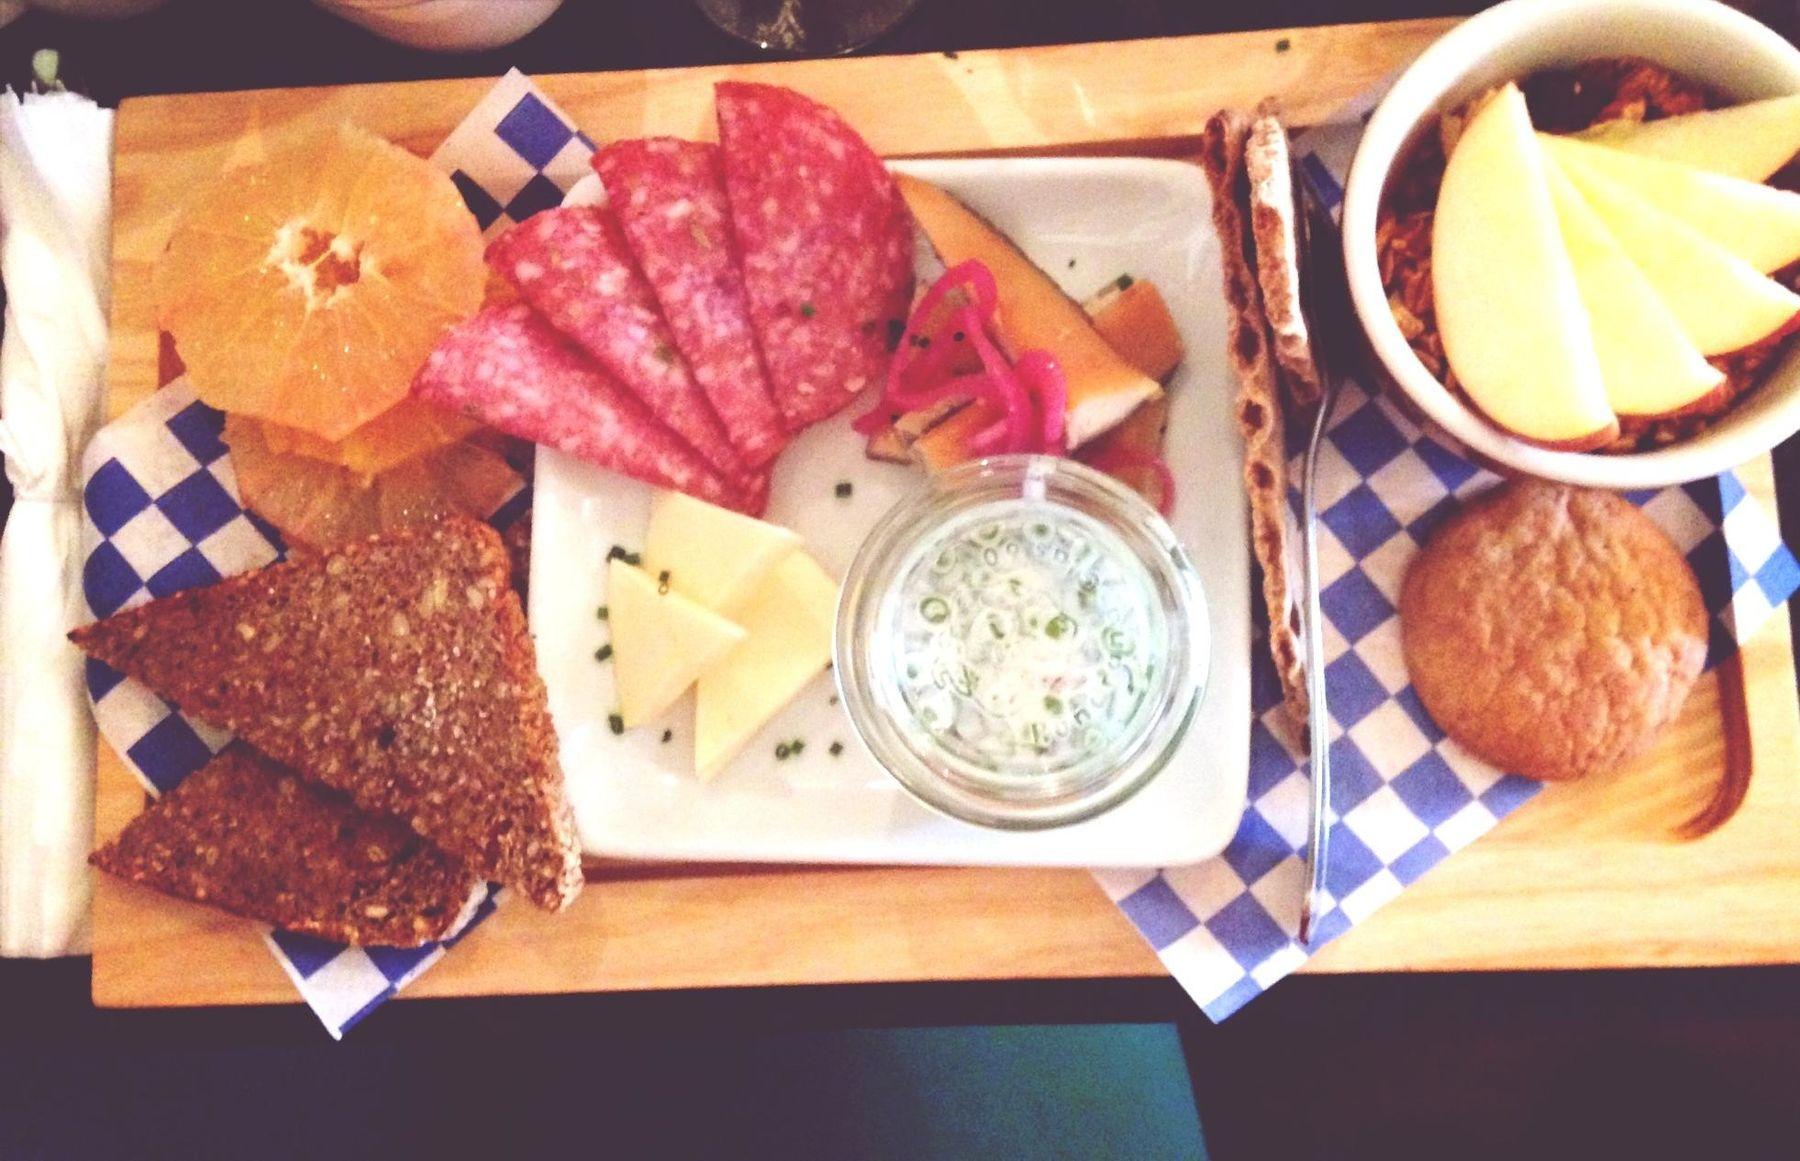 Yum! Smörgåsbord Breakfast Portland